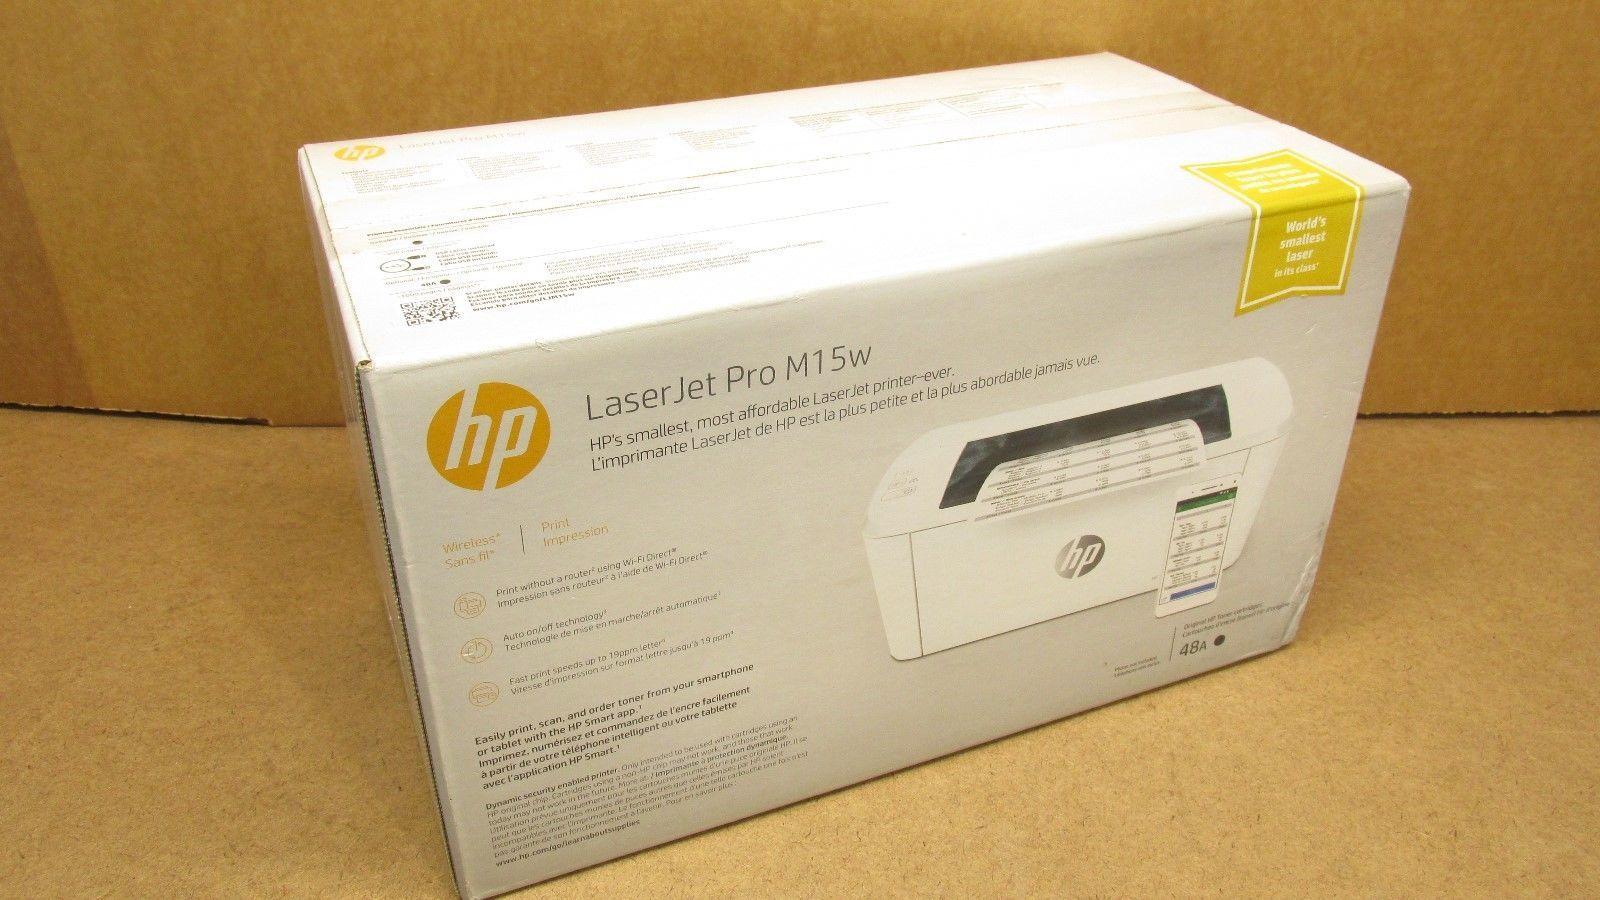 Hp Laserjet Pro M15w Wireless Single Function Monochrome Laser Printer W2g51a Laser Printer Printer Monochrome